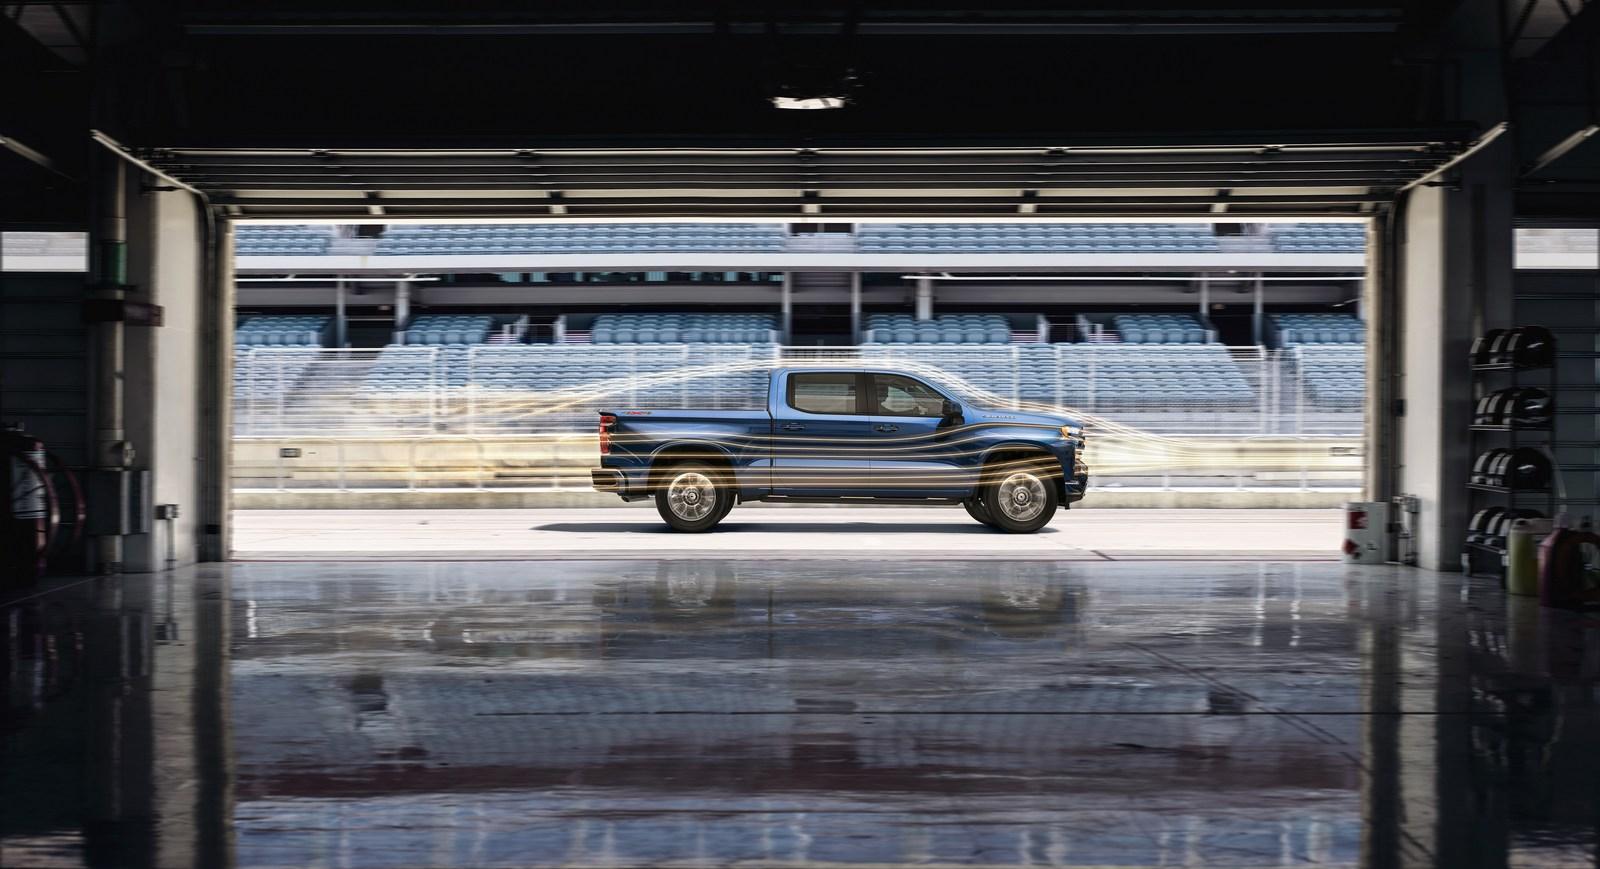 2019 Chevrolet Silverado Engine Range Includes 3.0-liter Inline-6 Duramax Diesel - autoevolution